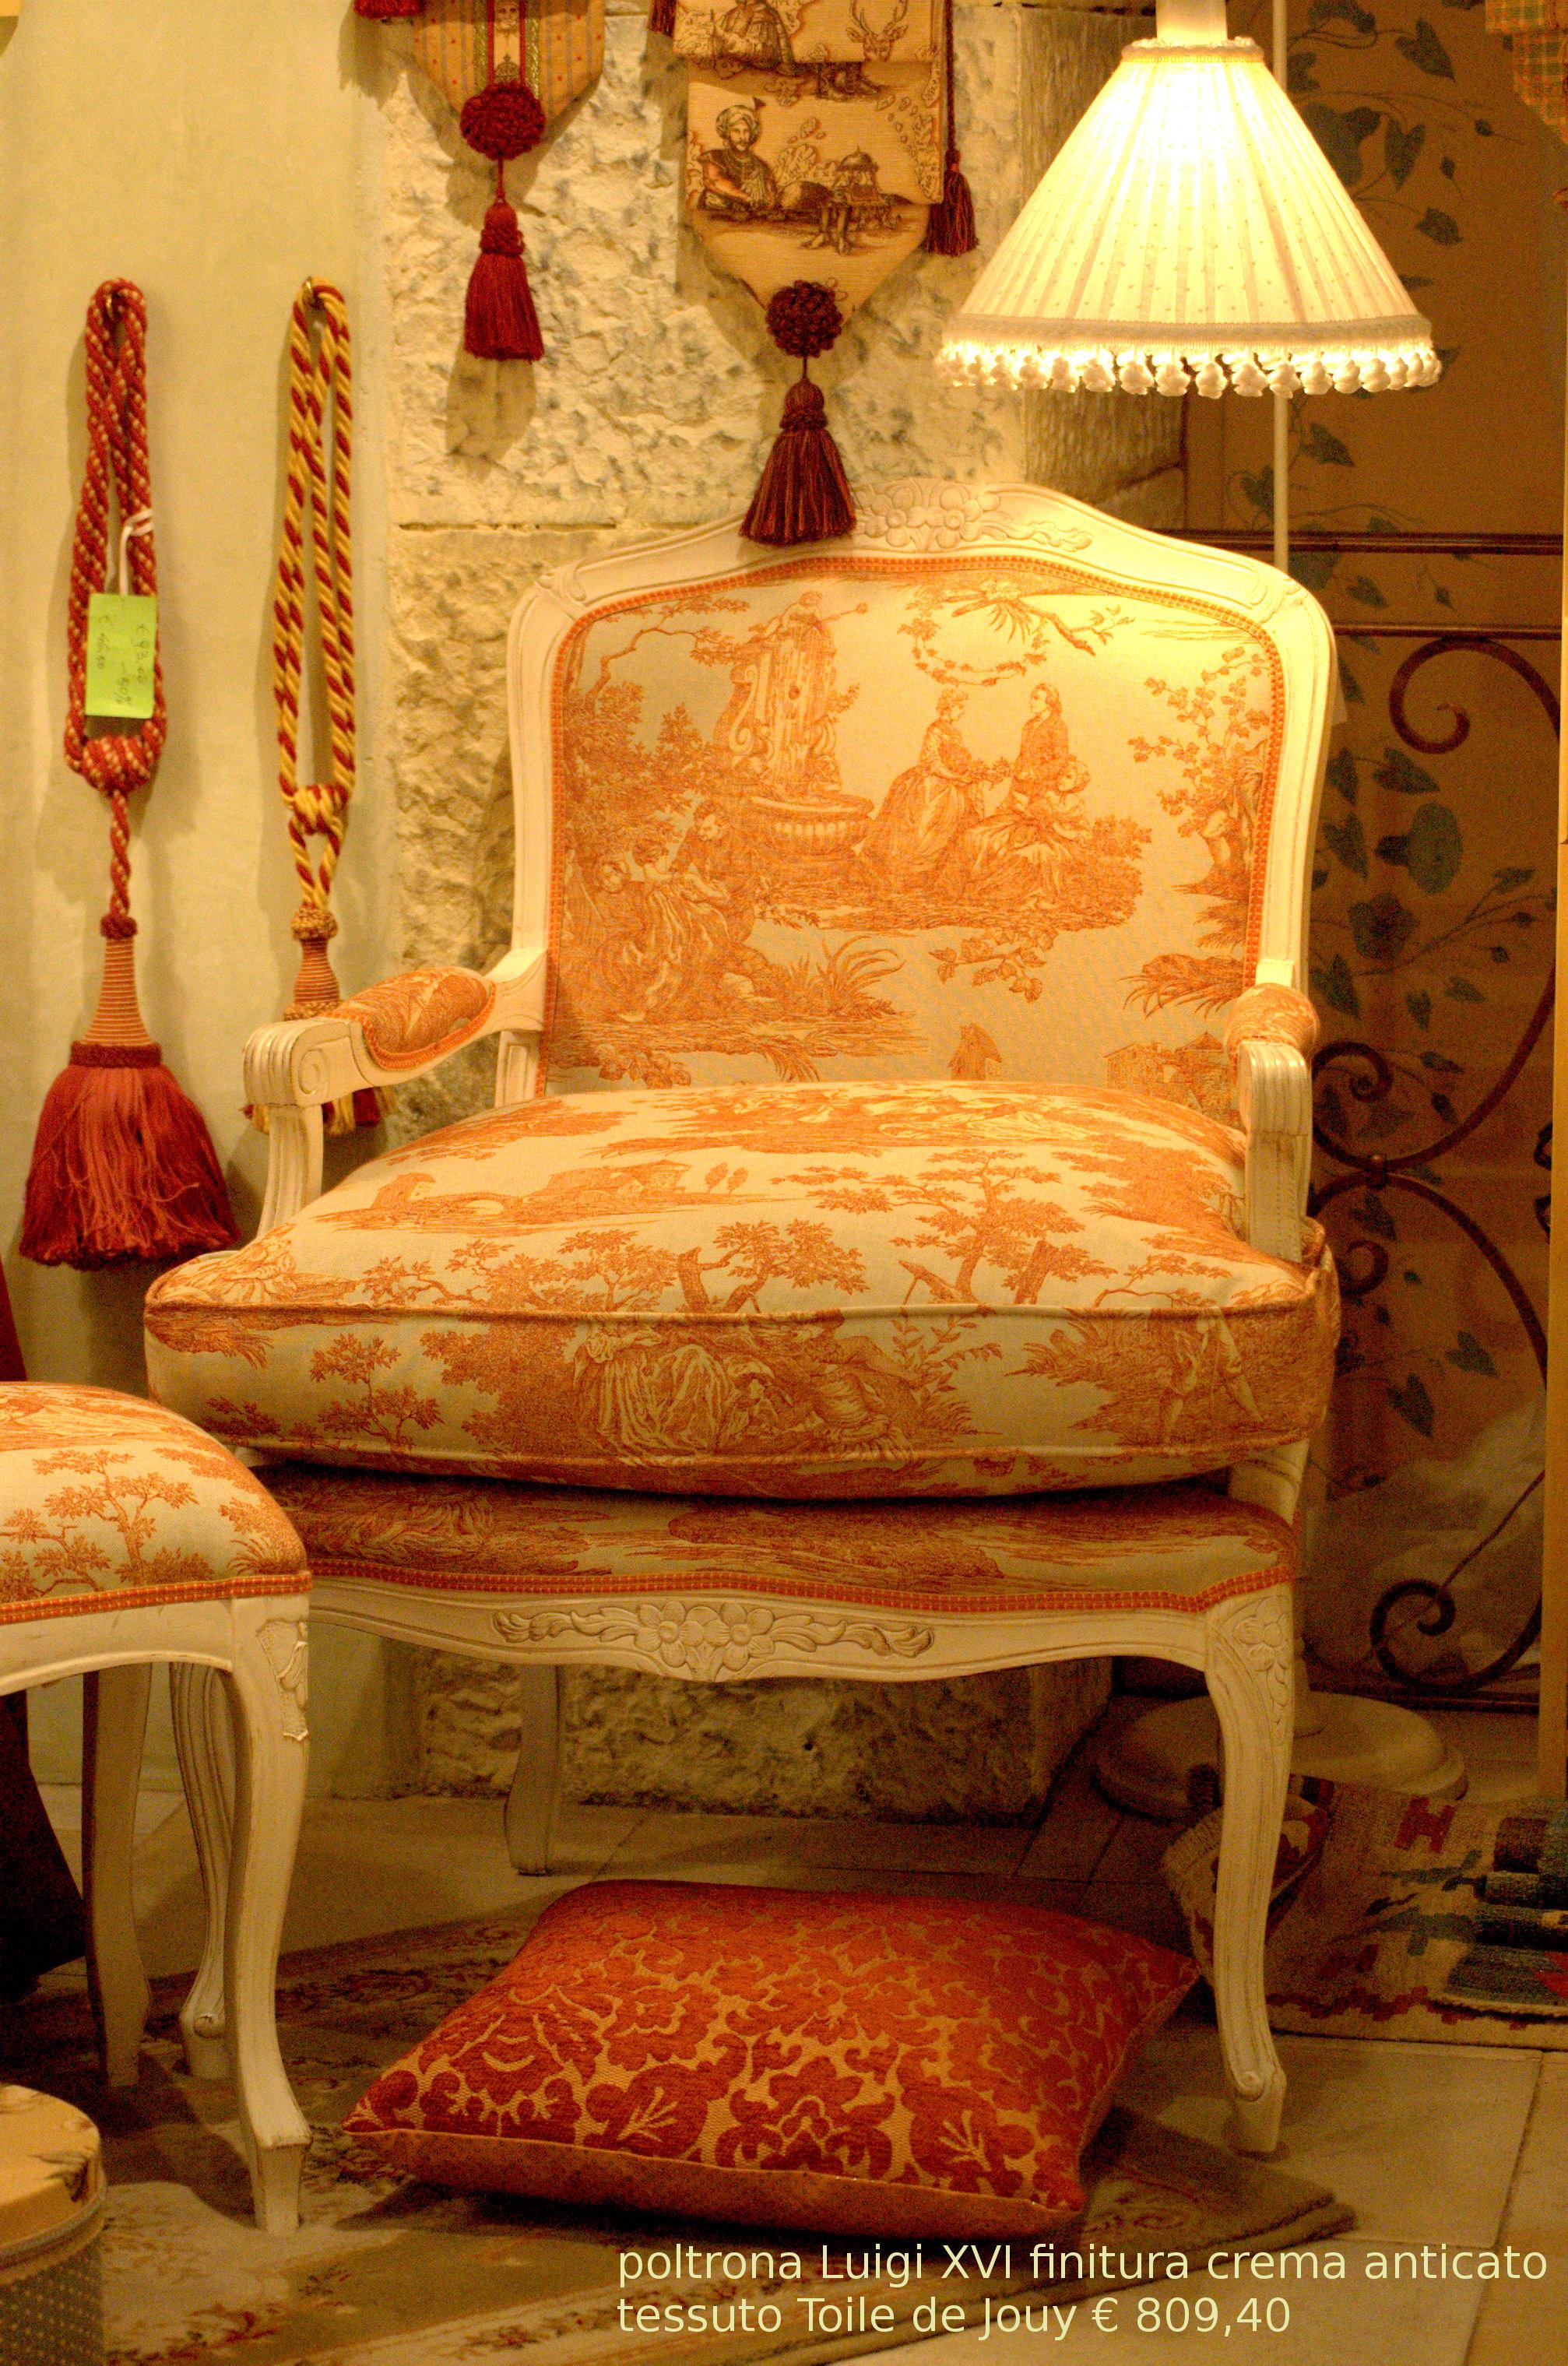 La tappezzeria a trieste rinnovo divani poltrone for Tessuti arredamento on line